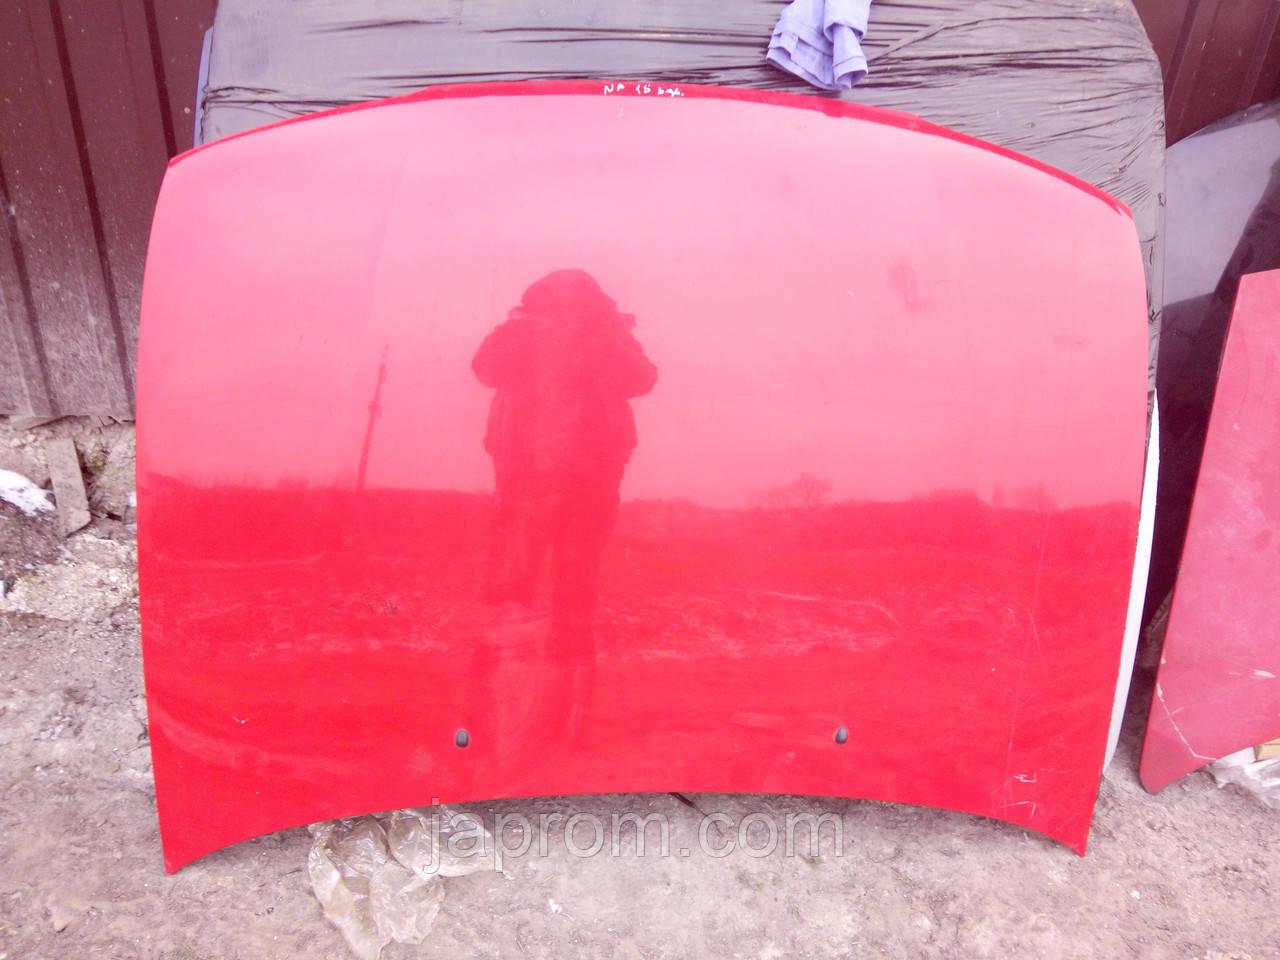 Капот Nissan Almera N15 1995-2000г.в. 3/4/5 дв. красный